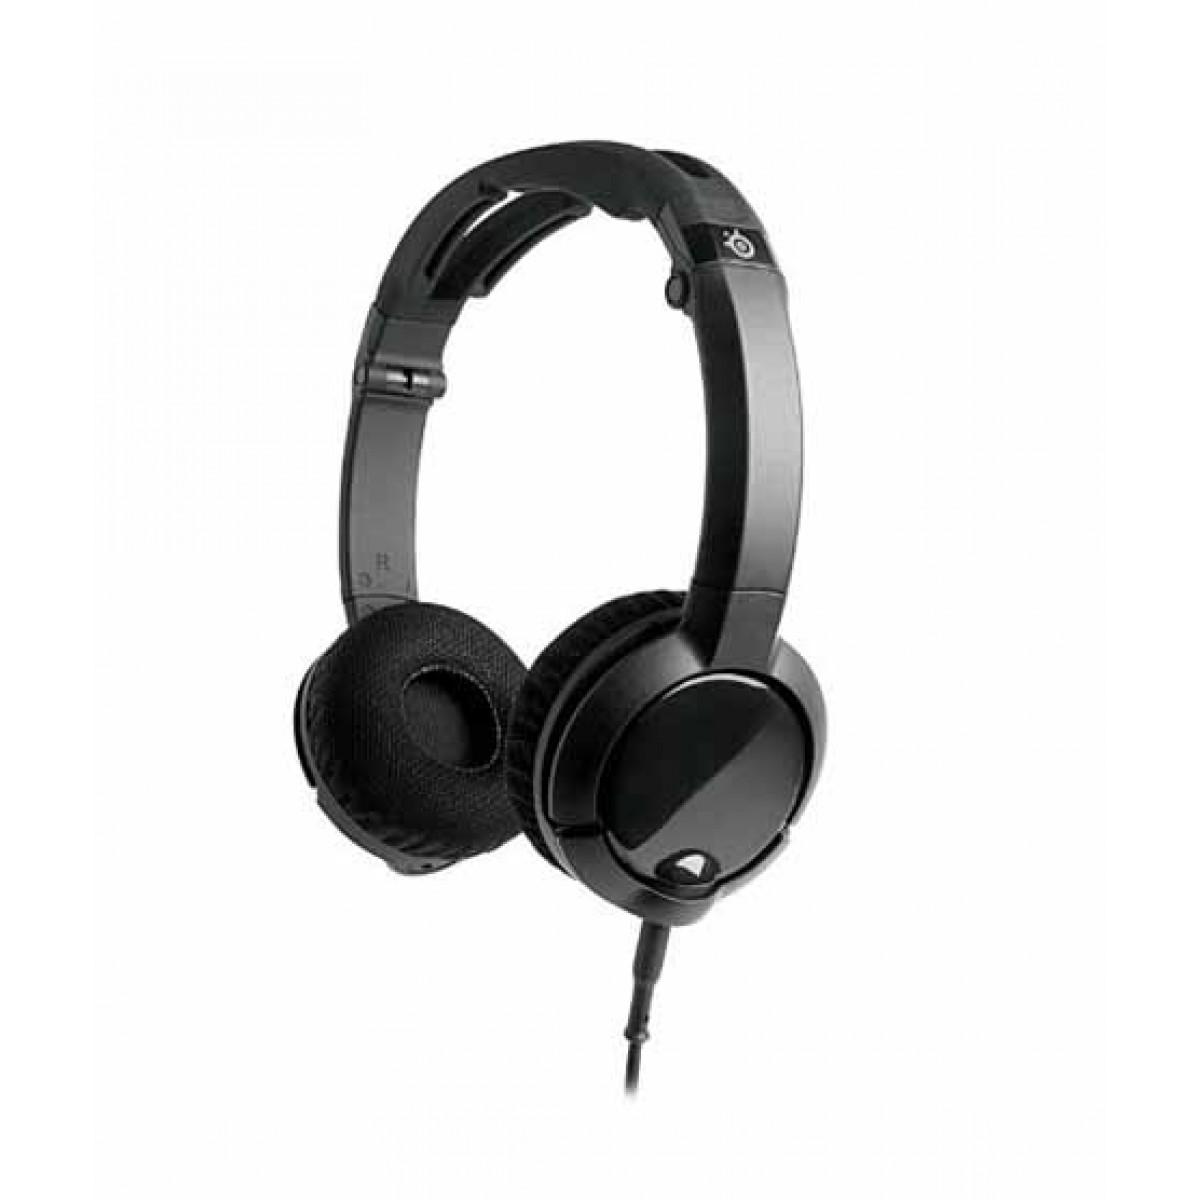 5fdb1c8acd6 SteelSeries Flux Gaming Headset Black Price in Pakistan   Buy SteelSeries  On-Ear Headset Black   iShopping.pk